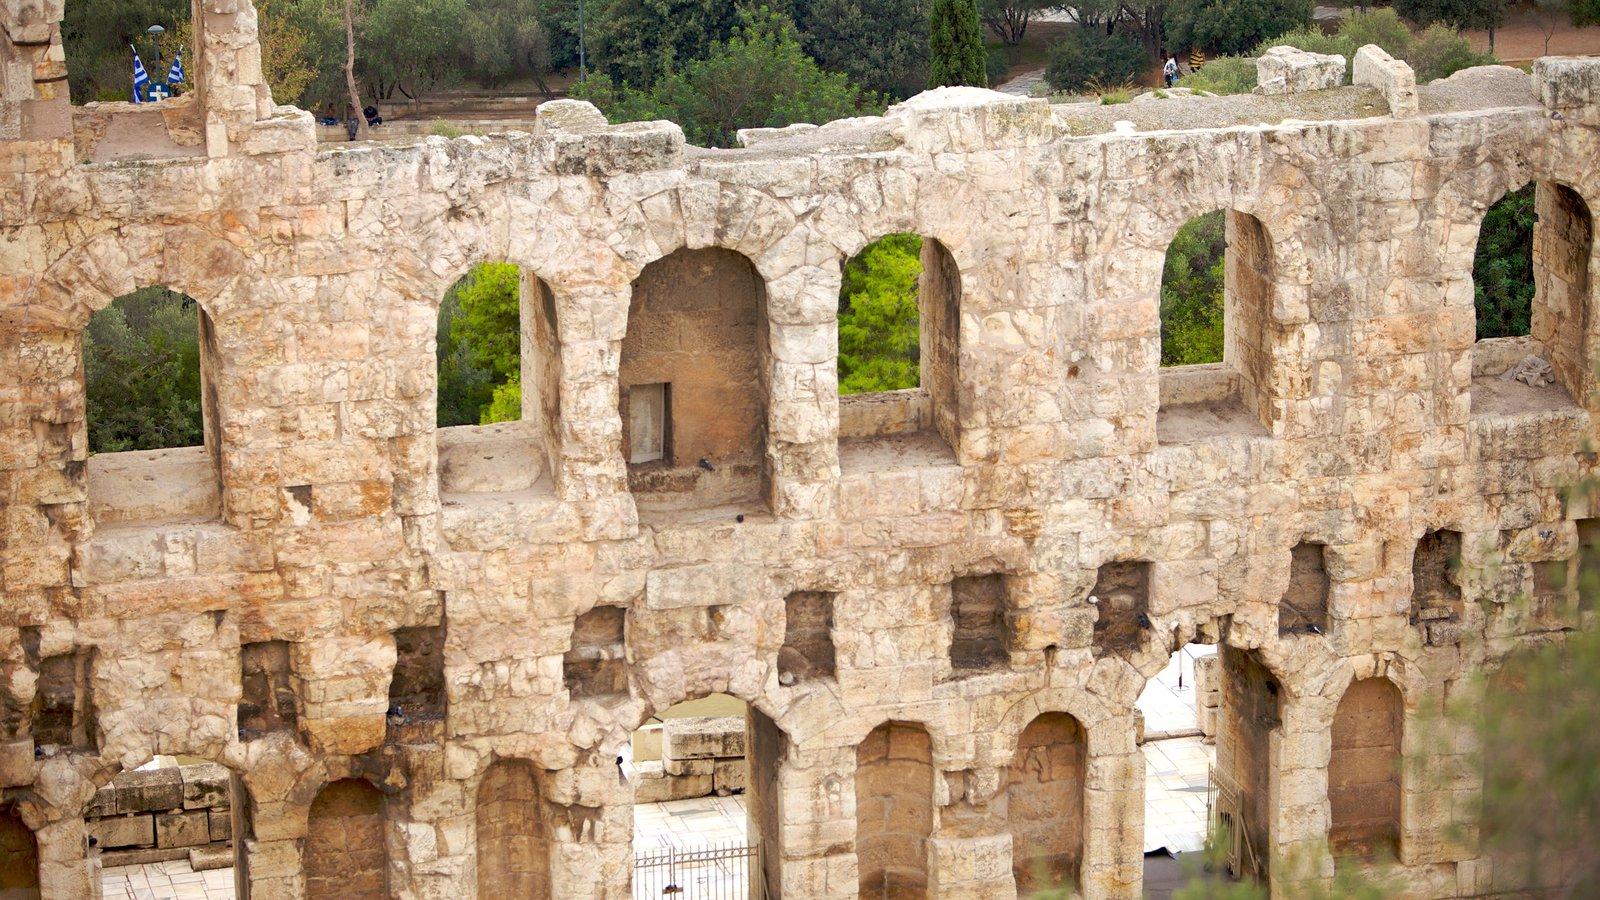 Acrópole caracterizando uma ruína e arquitetura de patrimônio